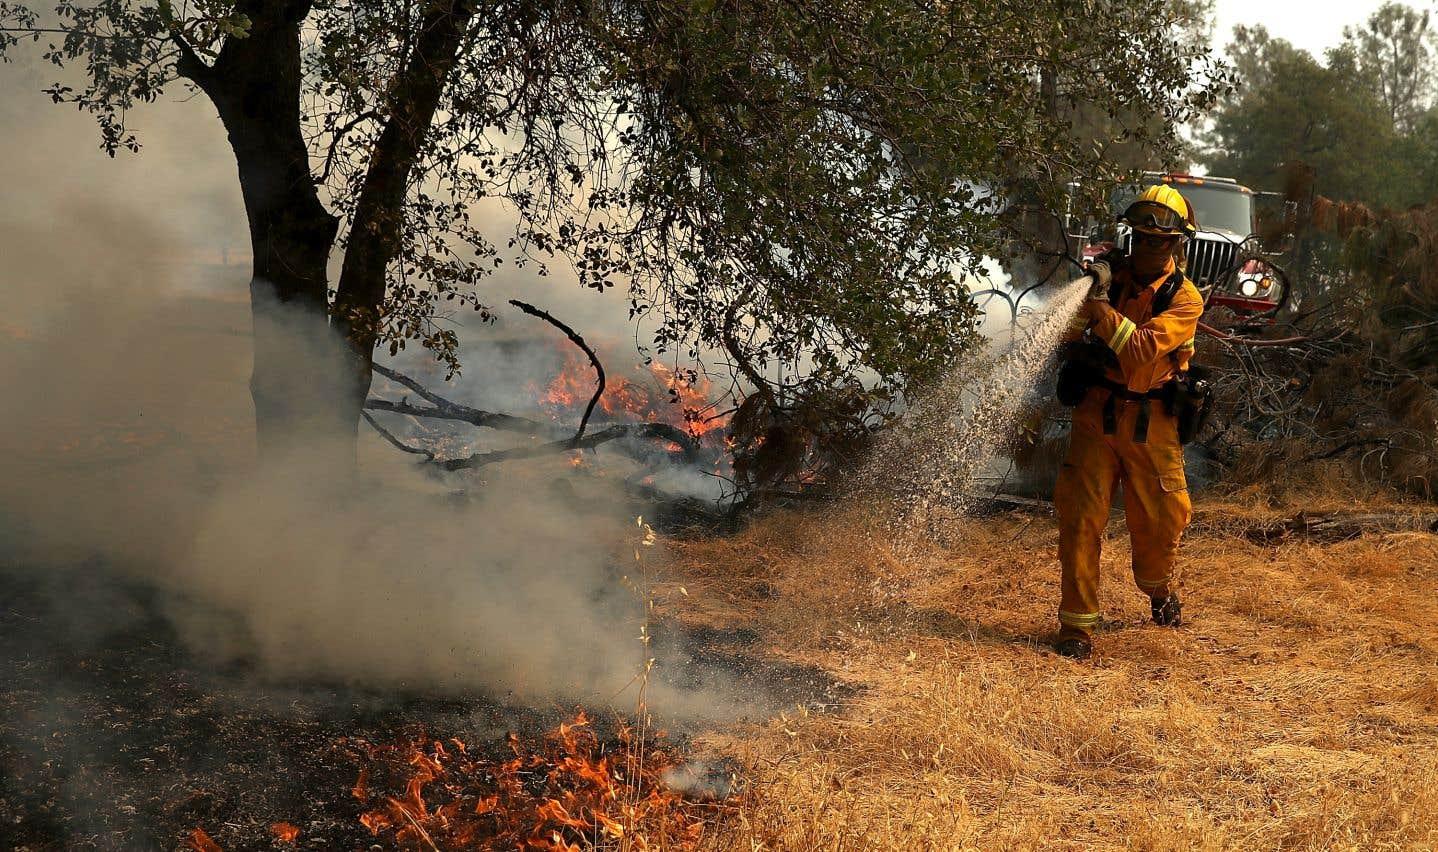 10000 pompiers sont mobilisés pour combattre les incendies.